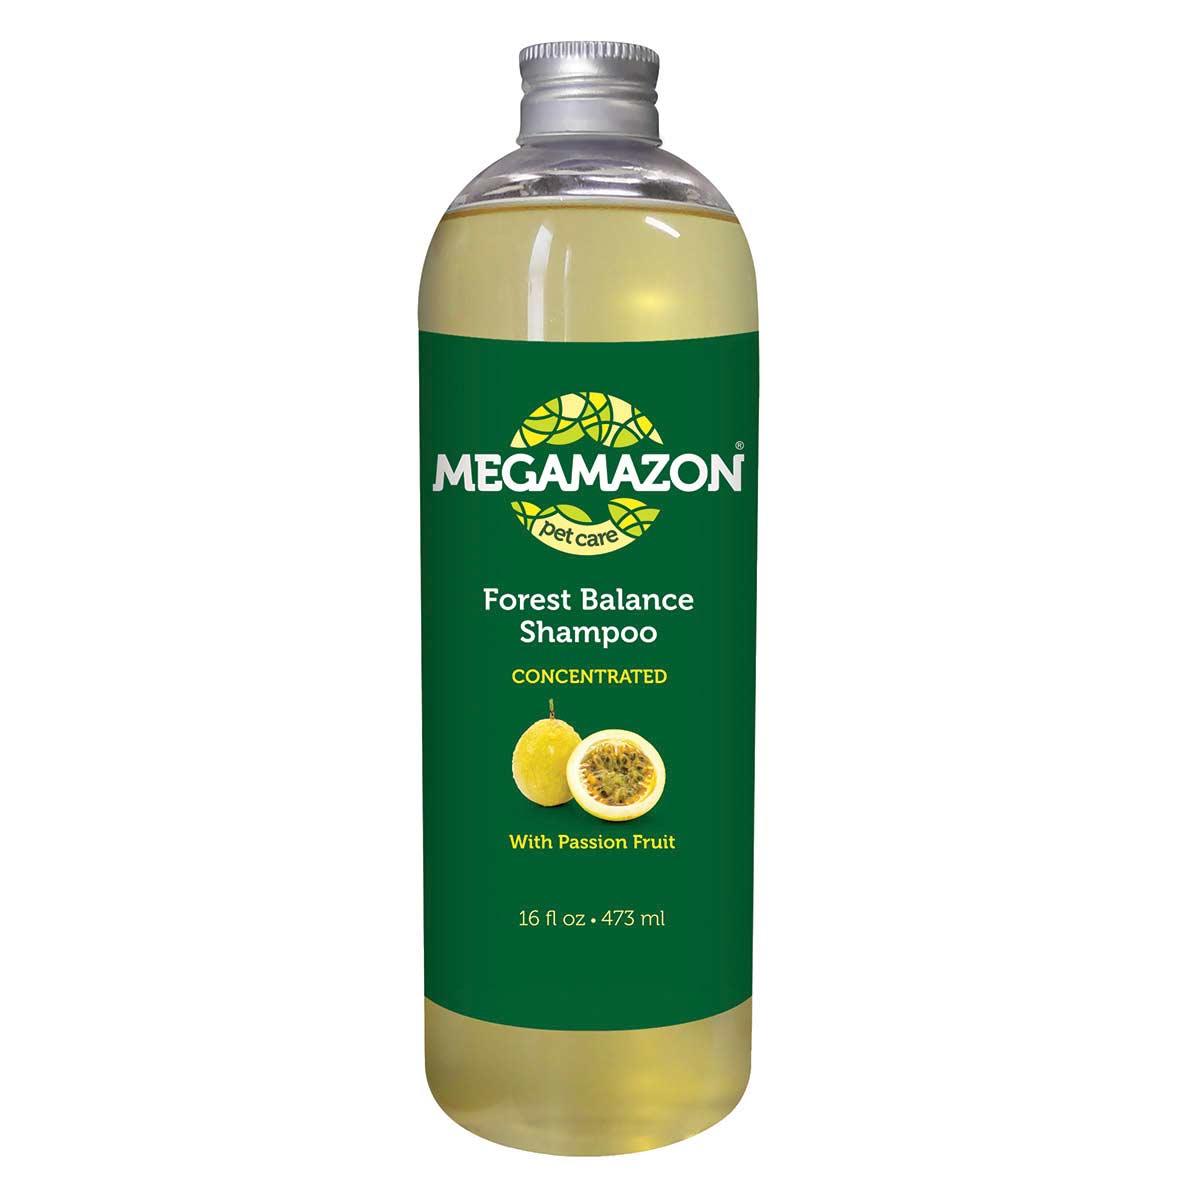 Buy Megamazon Forest Balance Pet Shampoo 16 oz